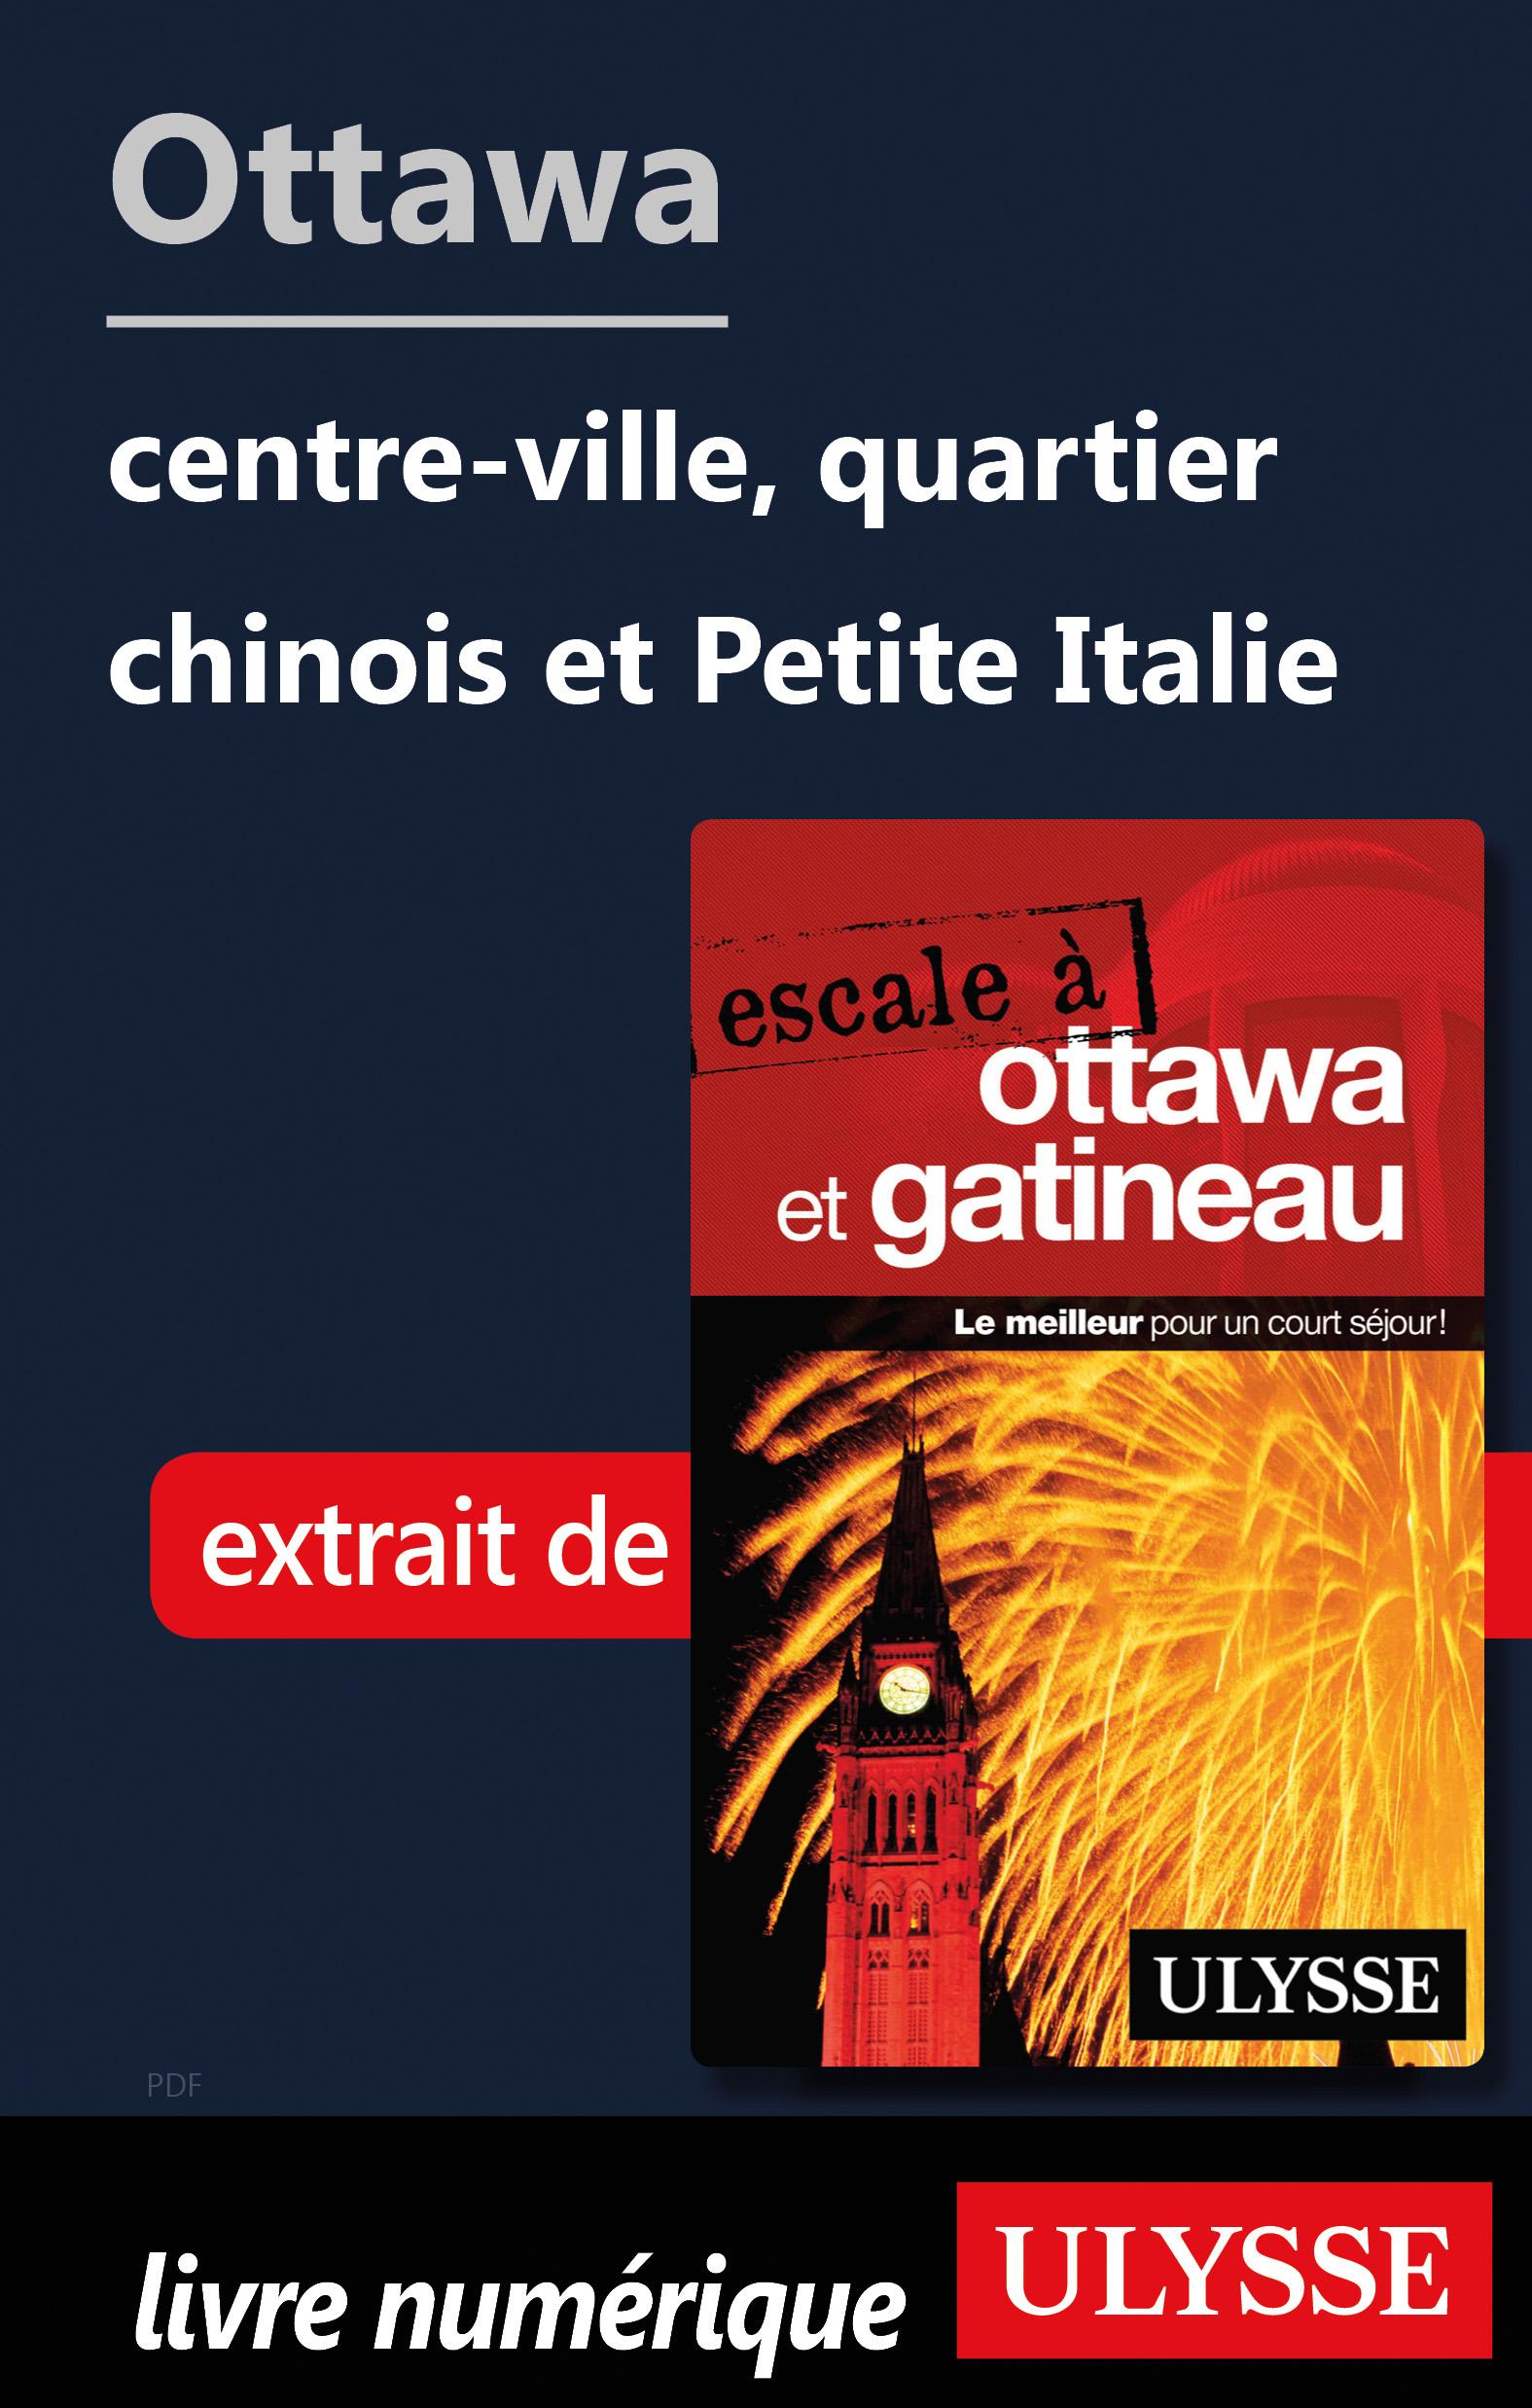 Ottawa: centre-ville, quartier chinois et Petite Italie